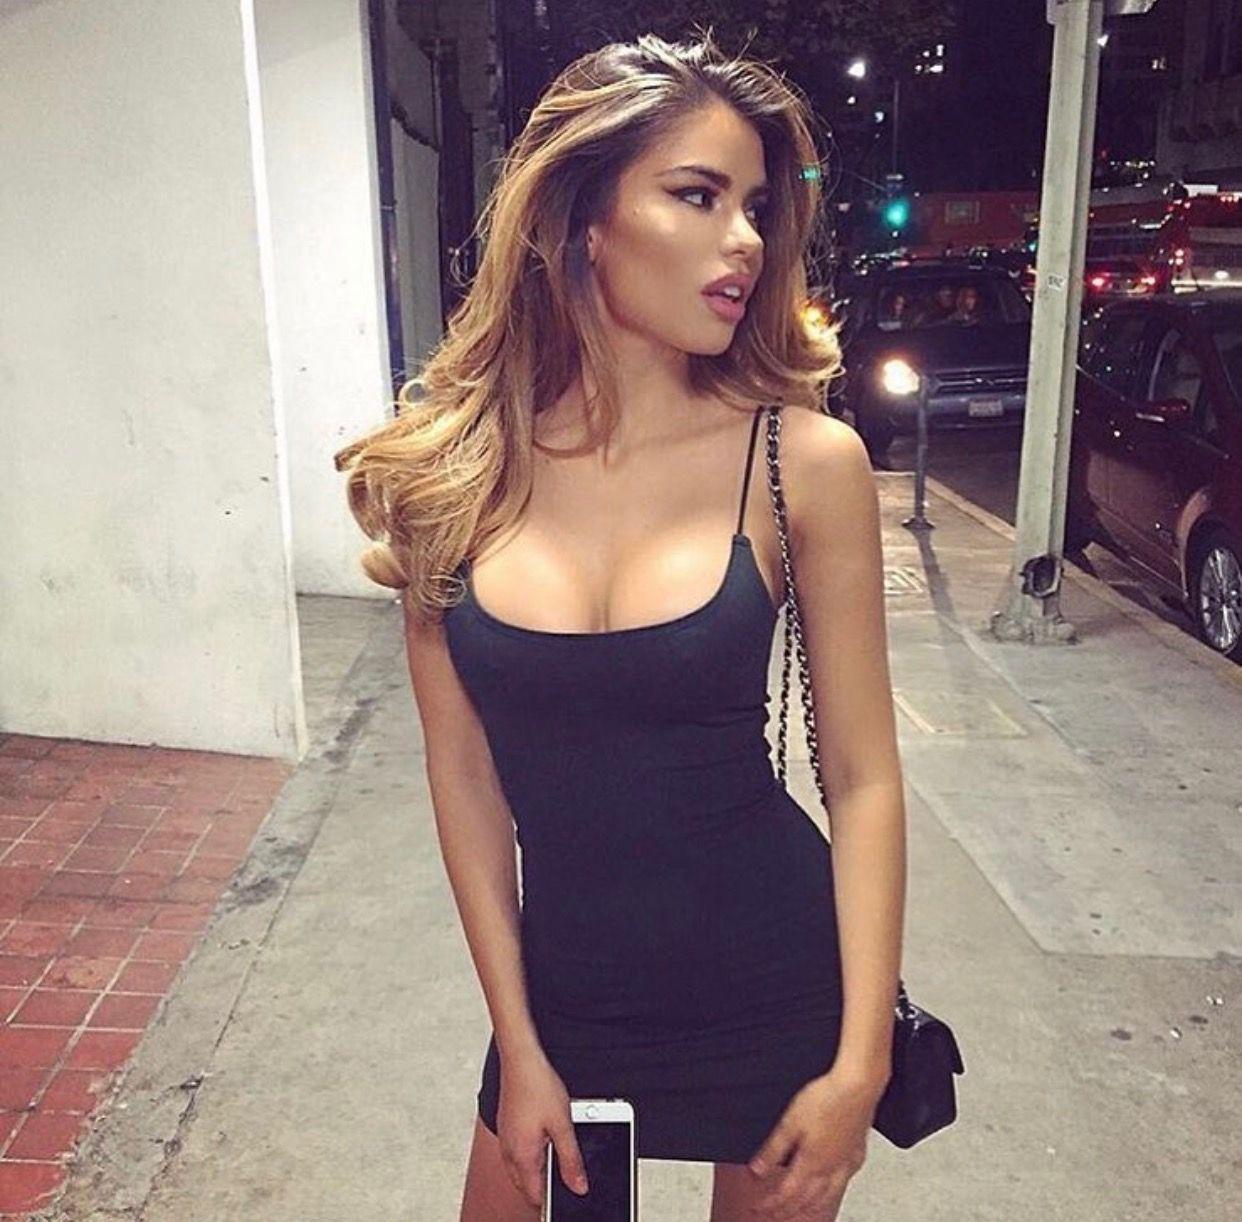 cheap escorts - horny girl